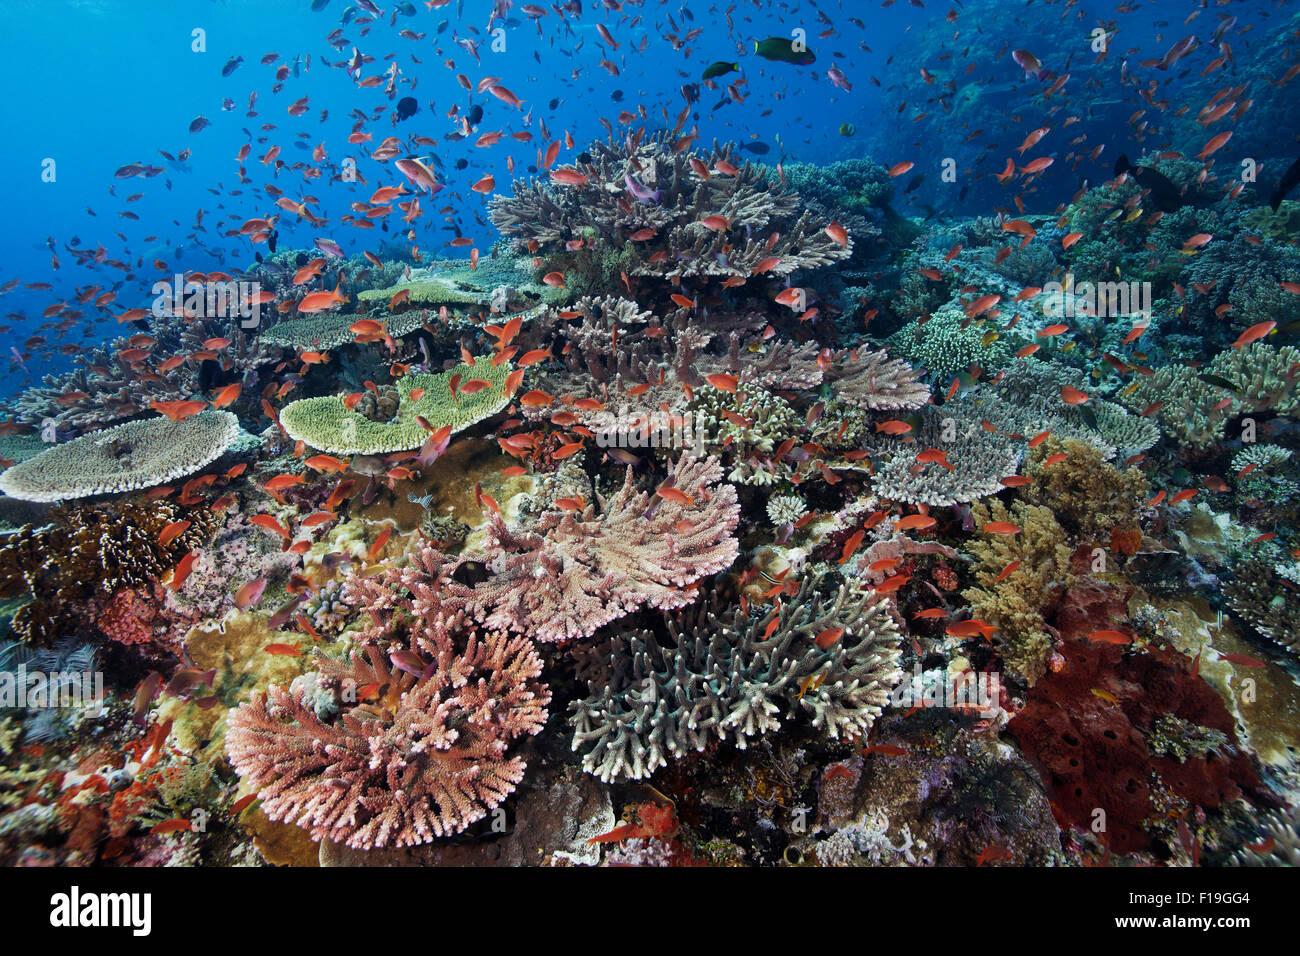 PX0426-D. gesunden Korallen auf entfernten Riff. Indonesien, tropischen Indo-Pazifischen Ozean. Foto Copyright © Stockbild